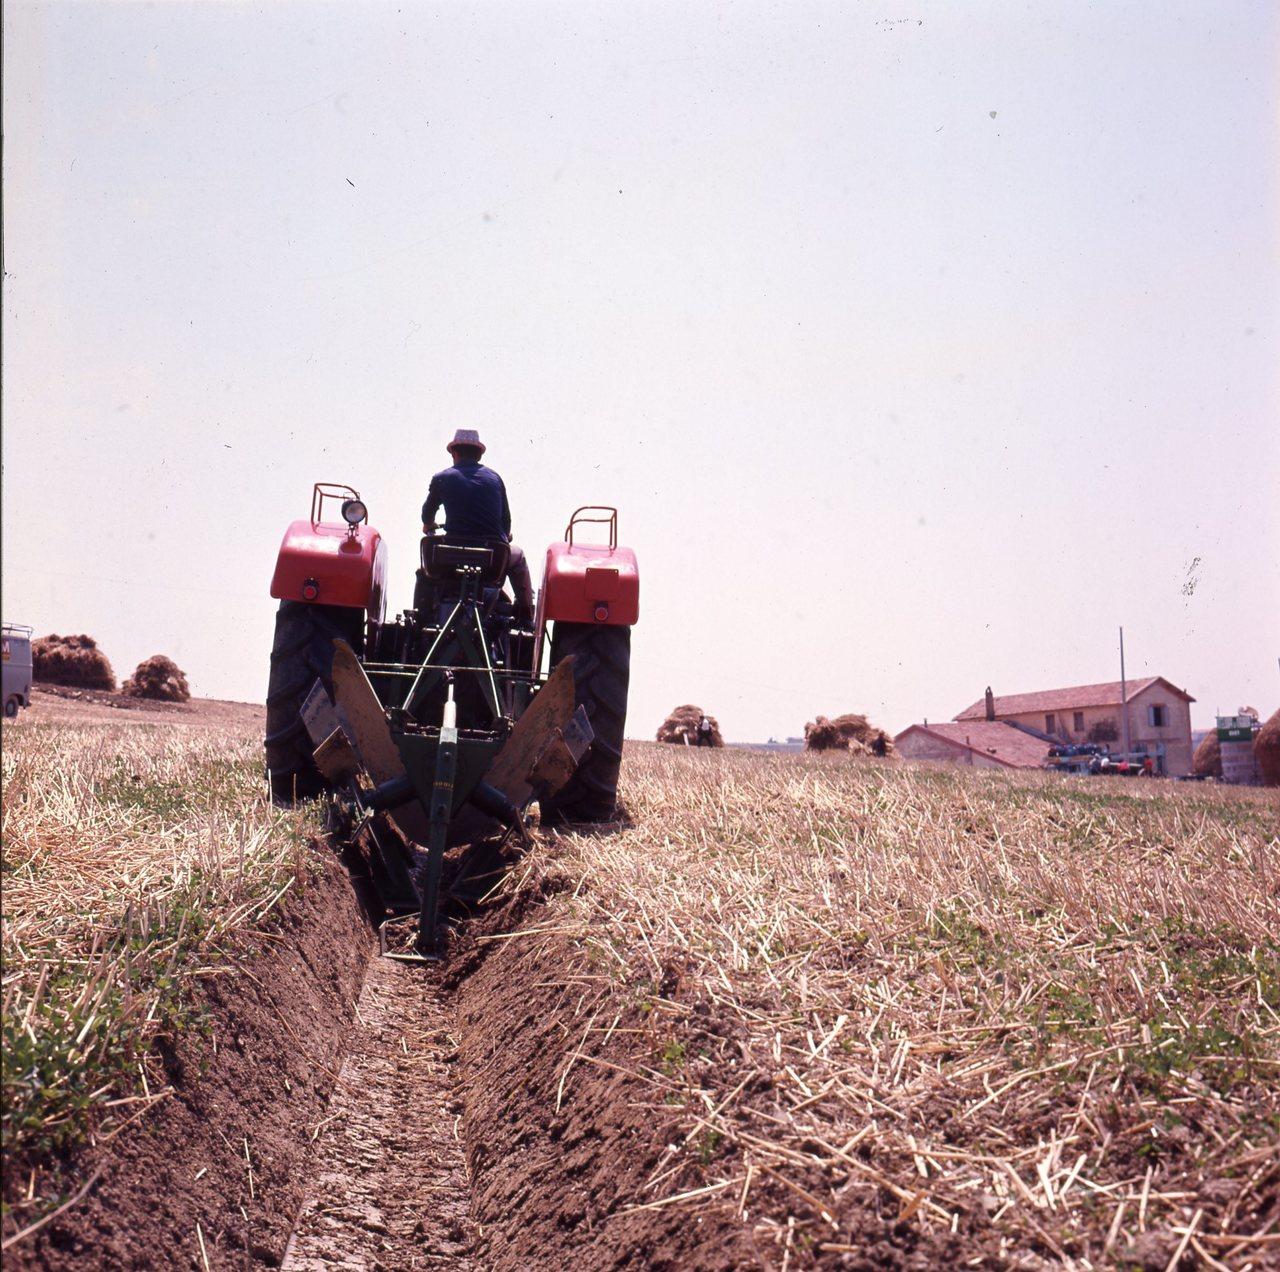 [SAME] Fotocolor Trattori Same manifestazione di Pesaro, 17/10/64